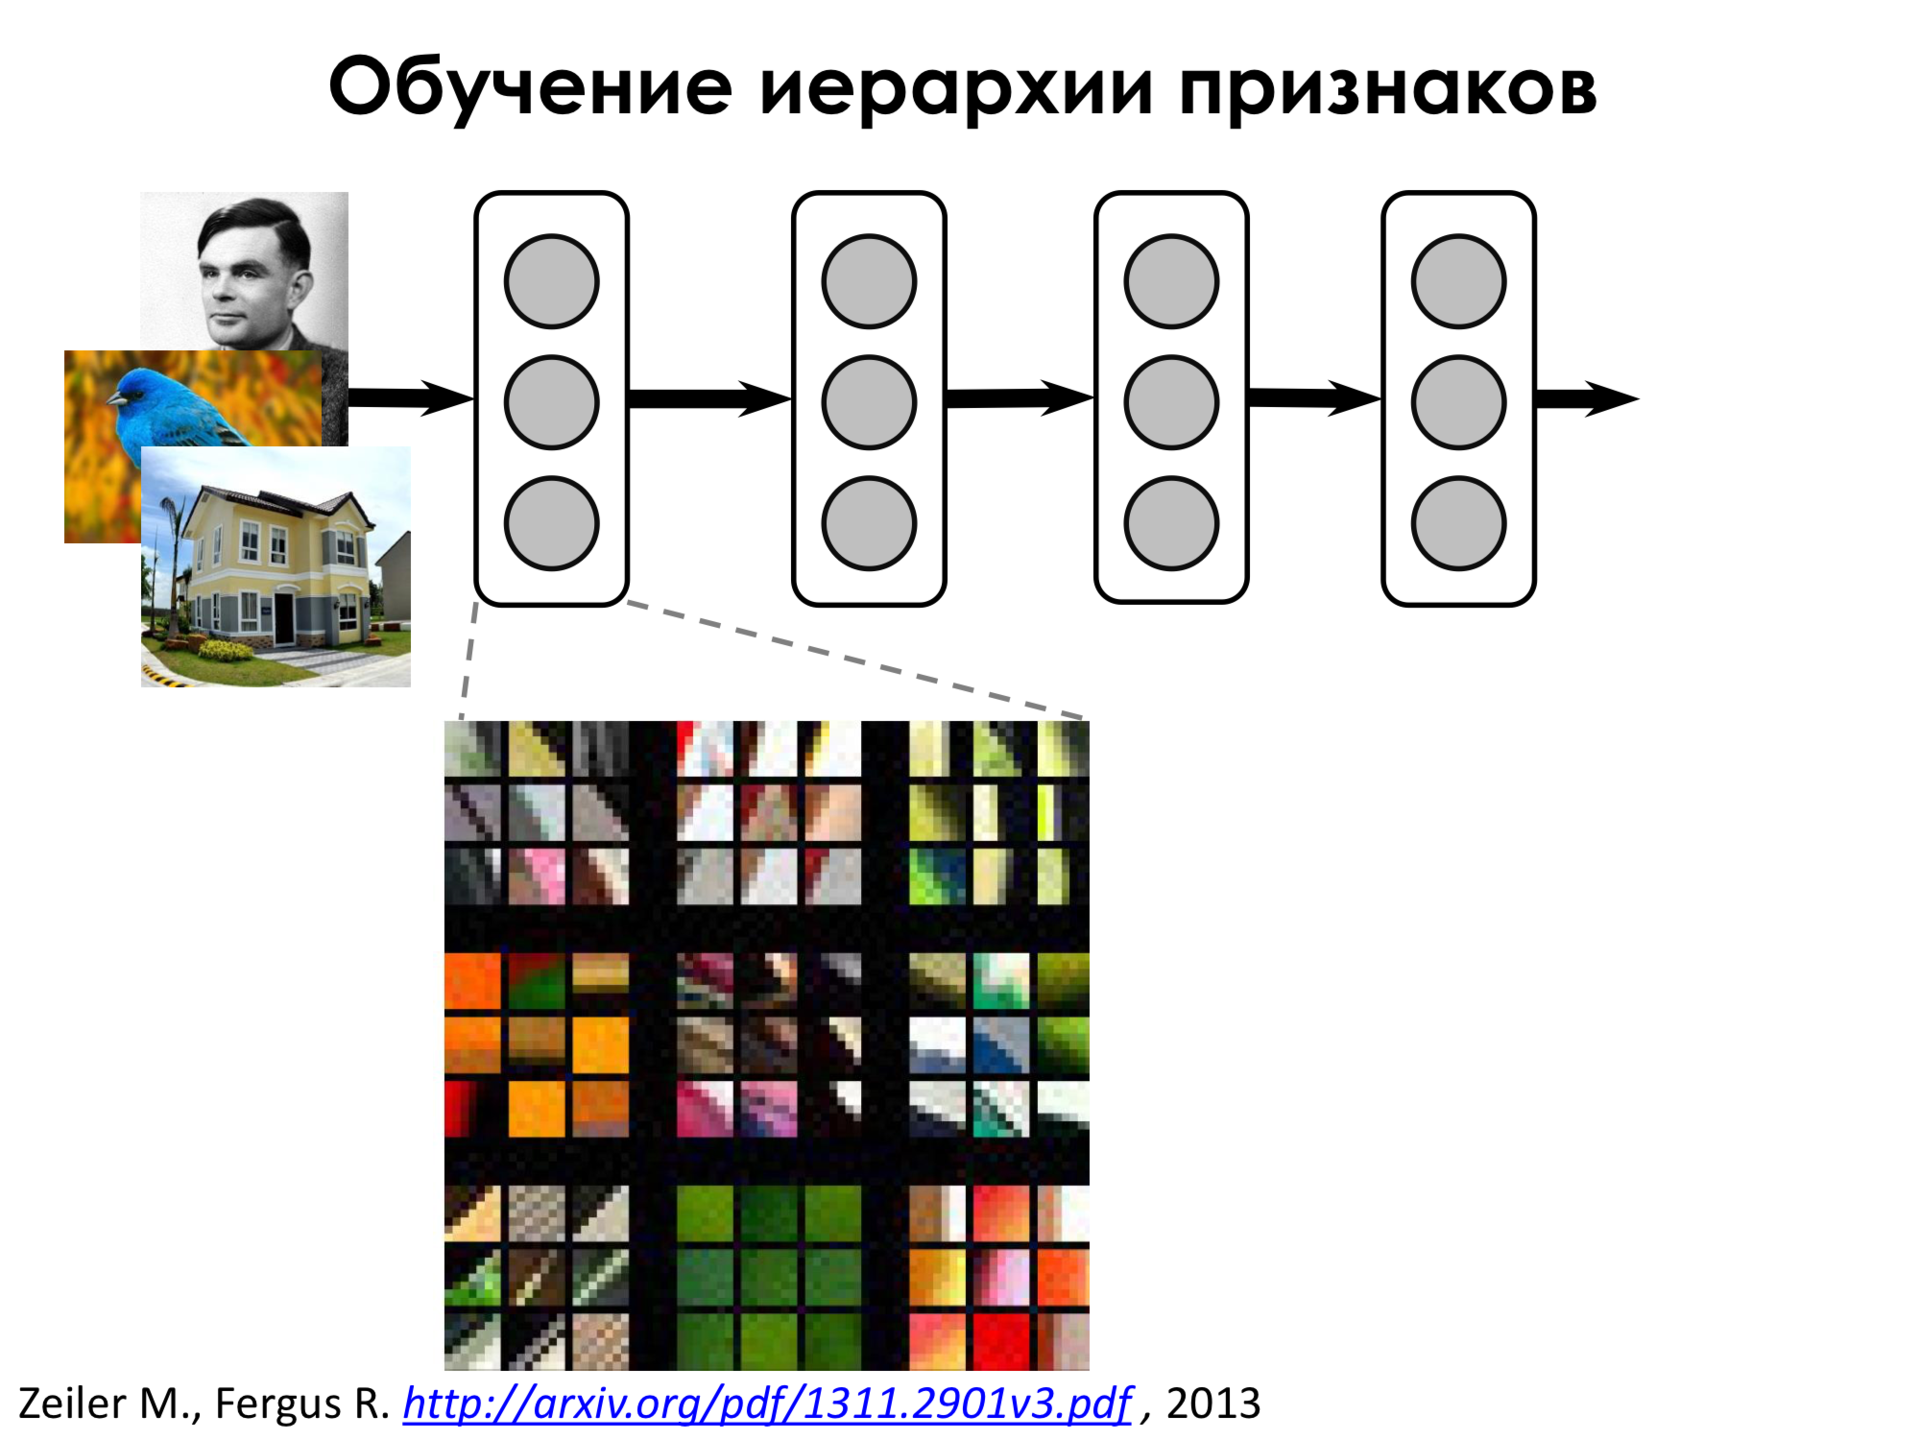 Самое главное о нейронных сетях. Лекция в Яндексе - 19